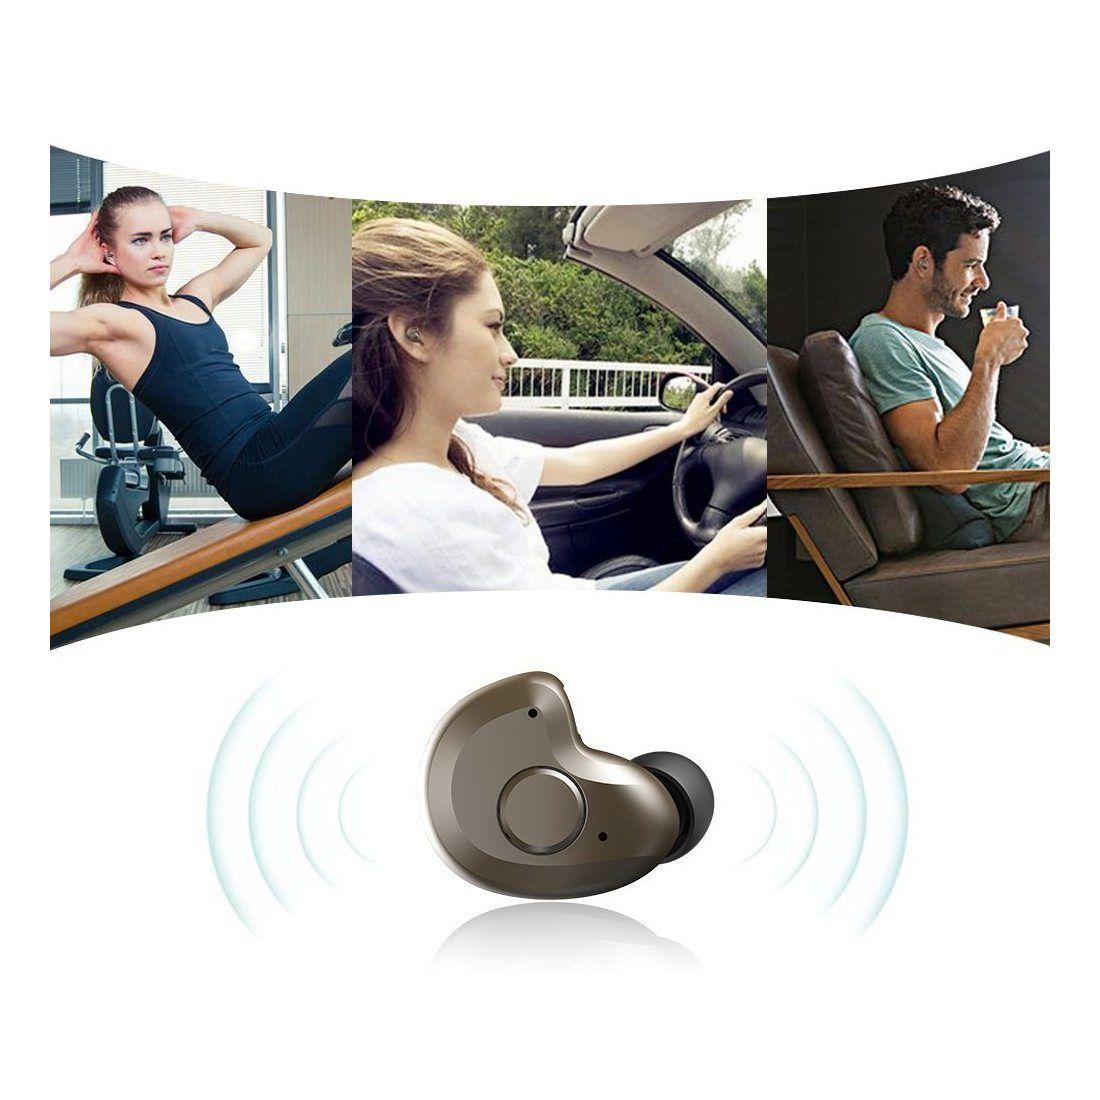 Oreillette Bluetooth 4.1, AngLink mini Écouteur Bluetooth AVEC MICRO Oreillette sans fil Mains-libres pour iPhone, Samsung Ga